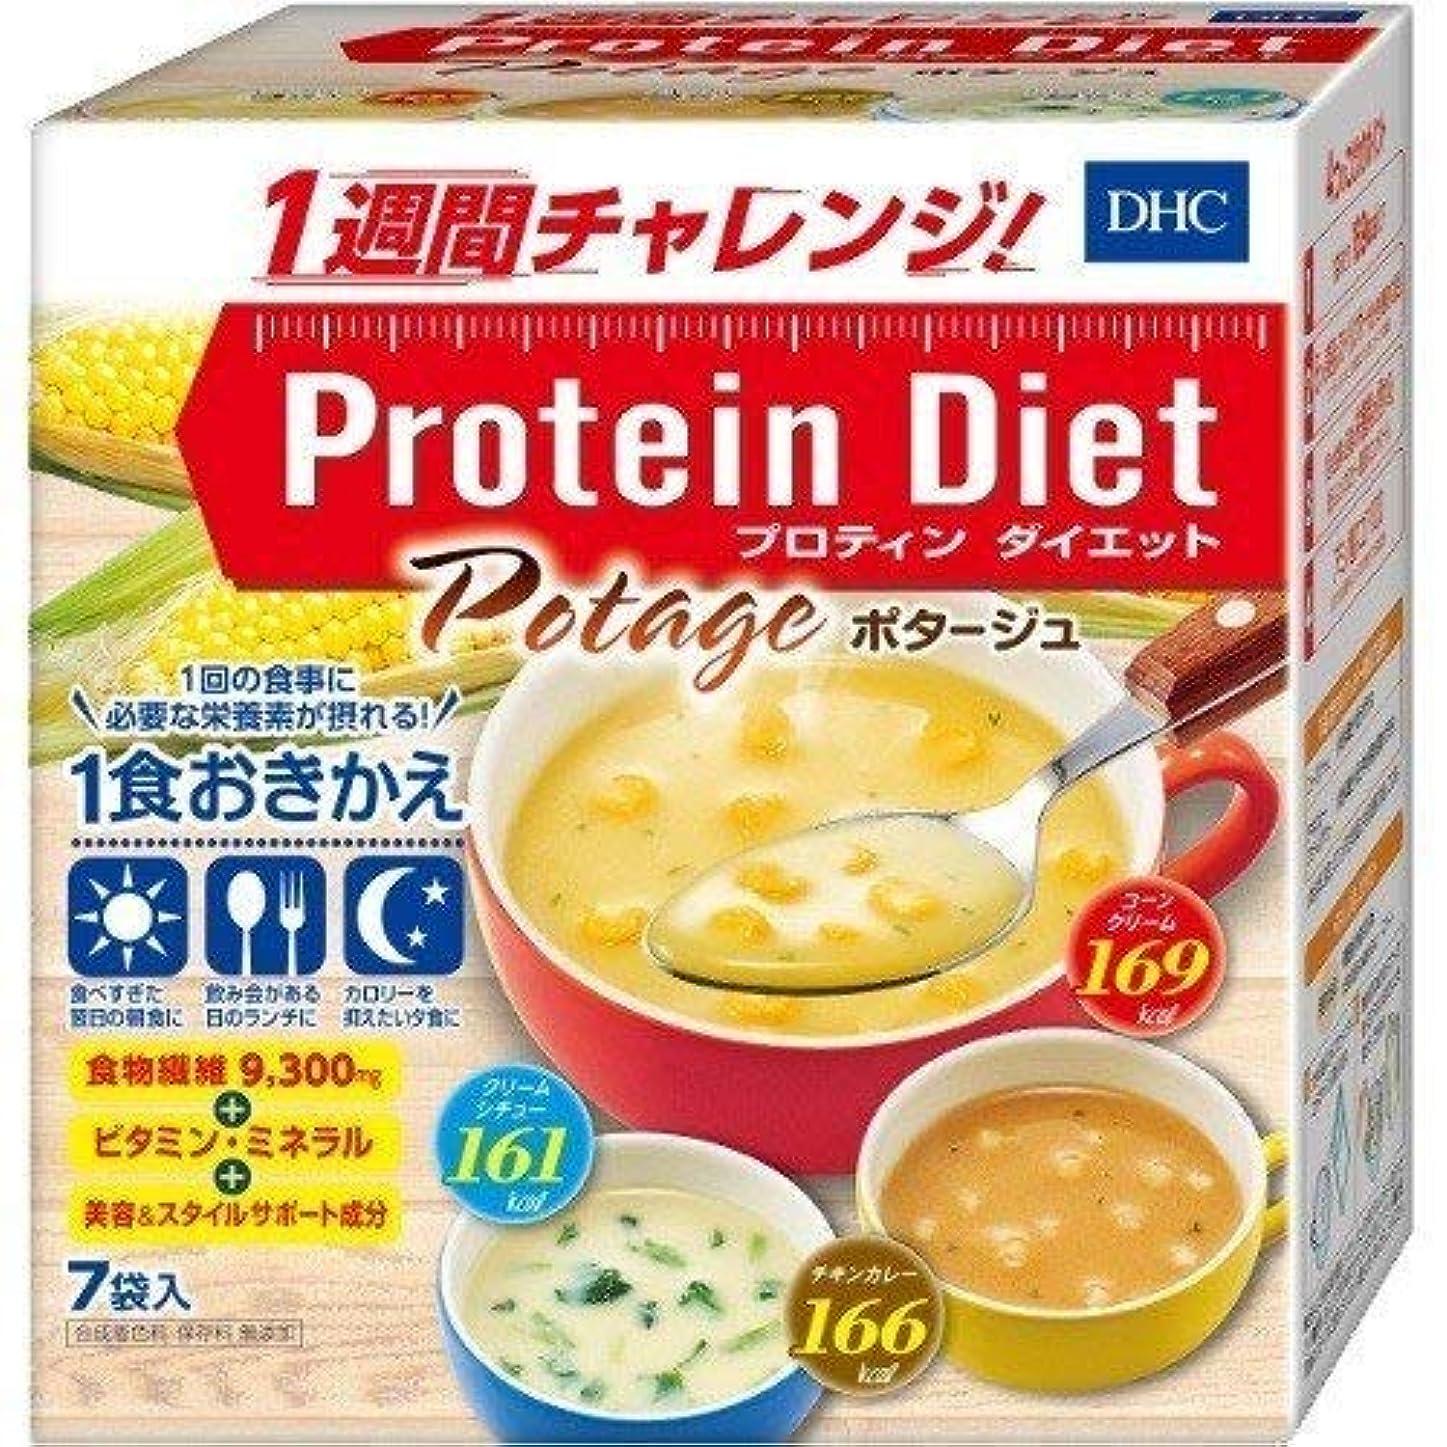 クスコタービン矛盾するDHC 健康食品相談室 DHC プロティンダイエット ポタージュ 7袋入 4511413406366